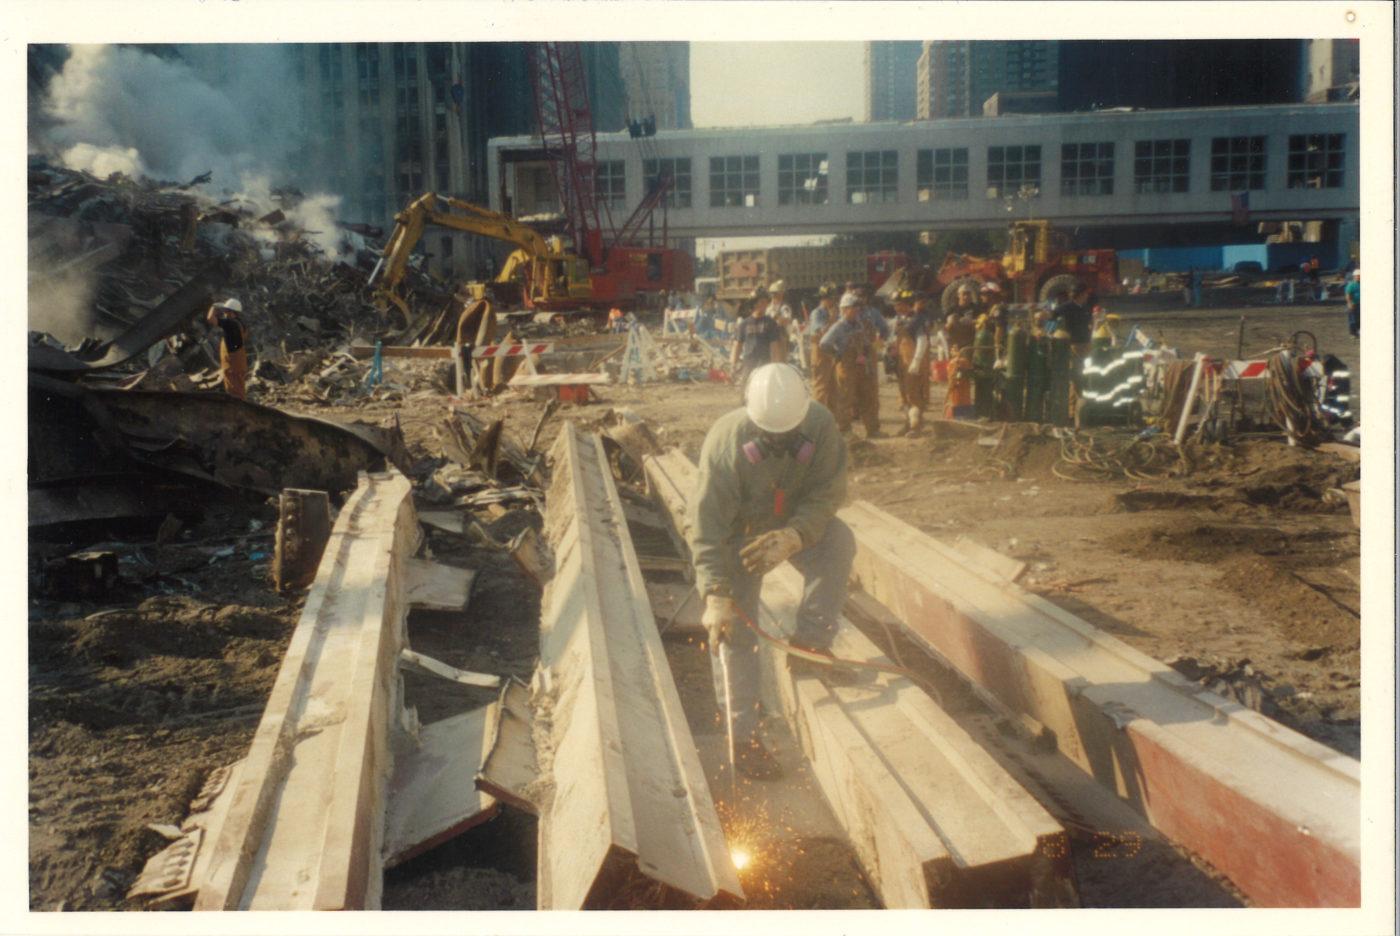 Iron Worker Breaking Steel Plates